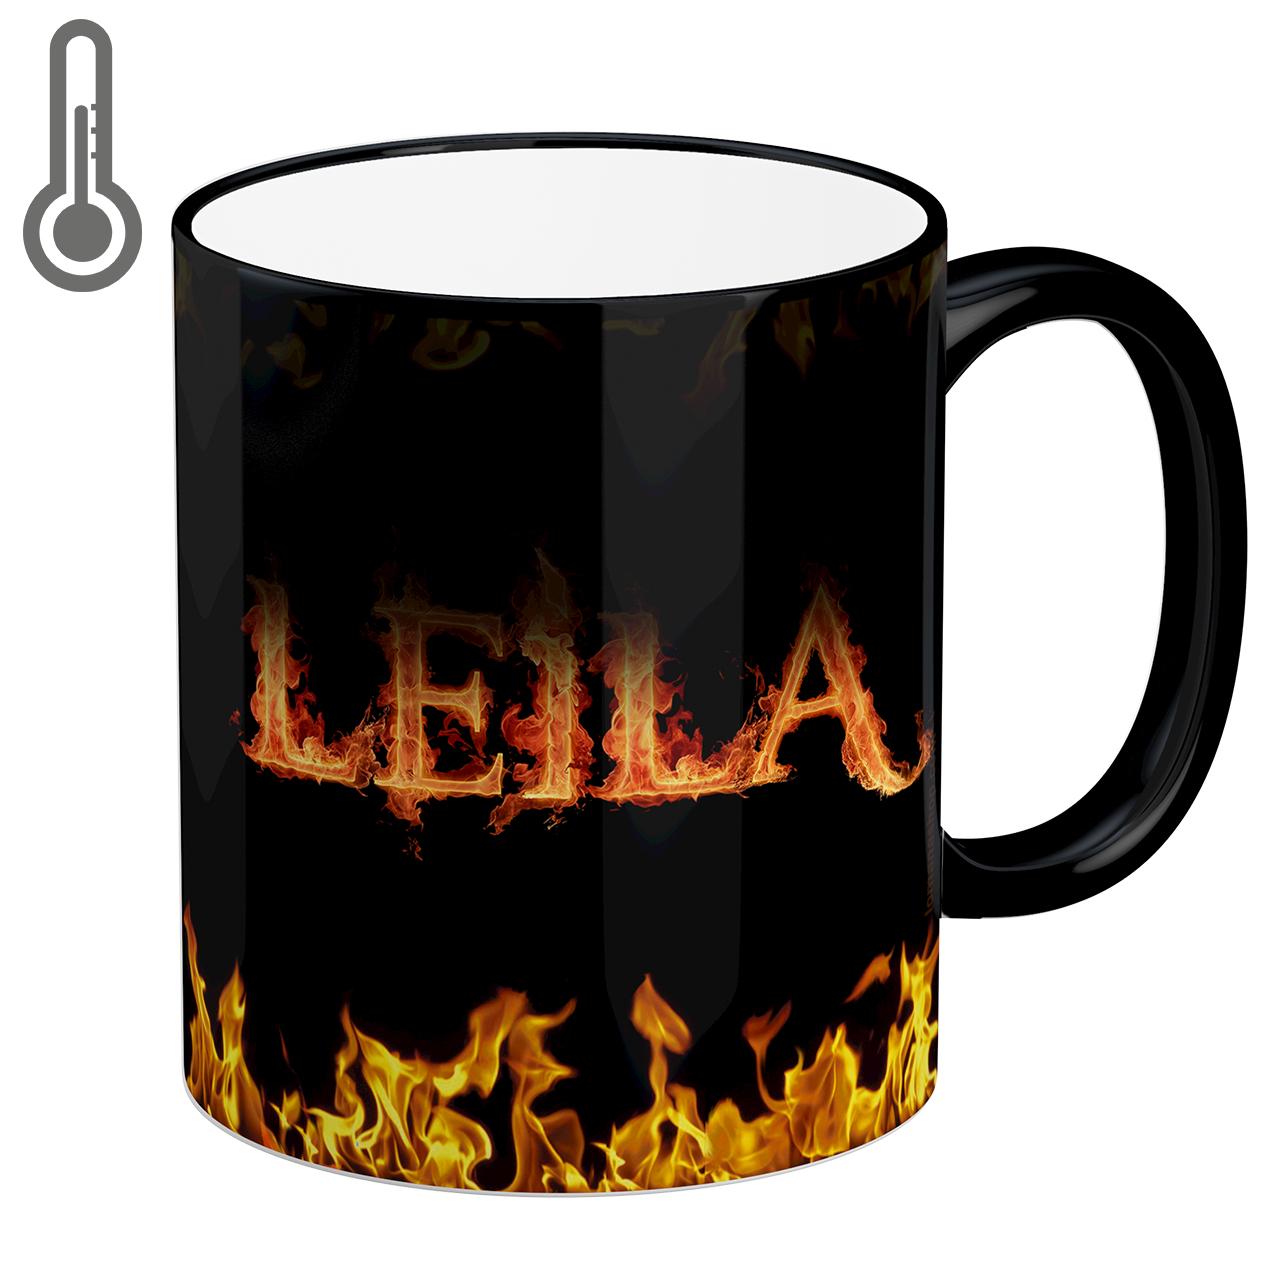 عکس ماگ حرارتی لومانا مدل لیلا کد MAG1150